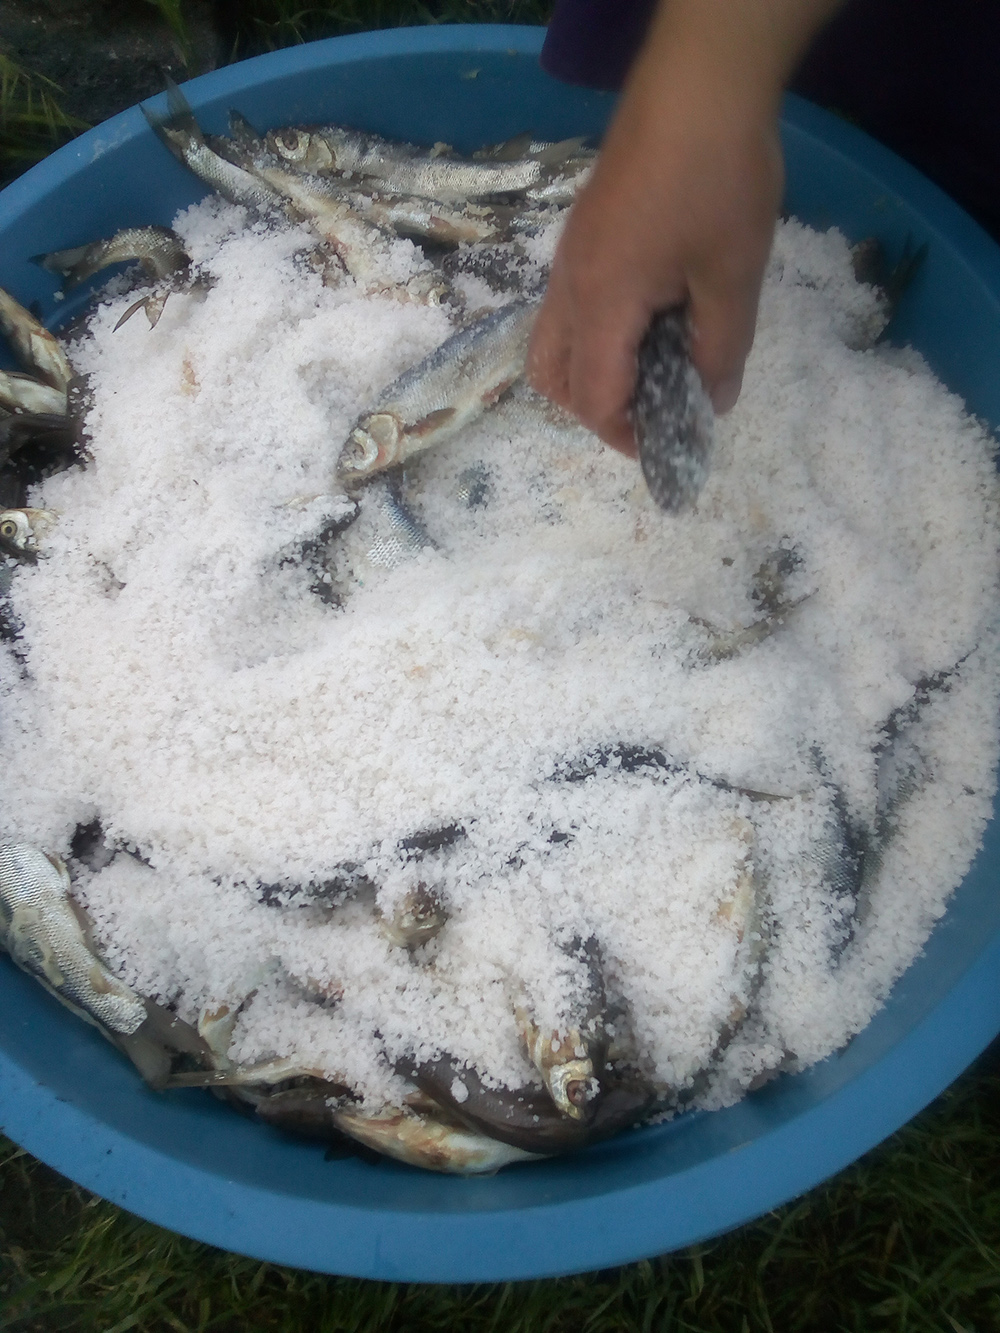 Balıkla tuzun serüveni Tuzlu balık (5).jpg